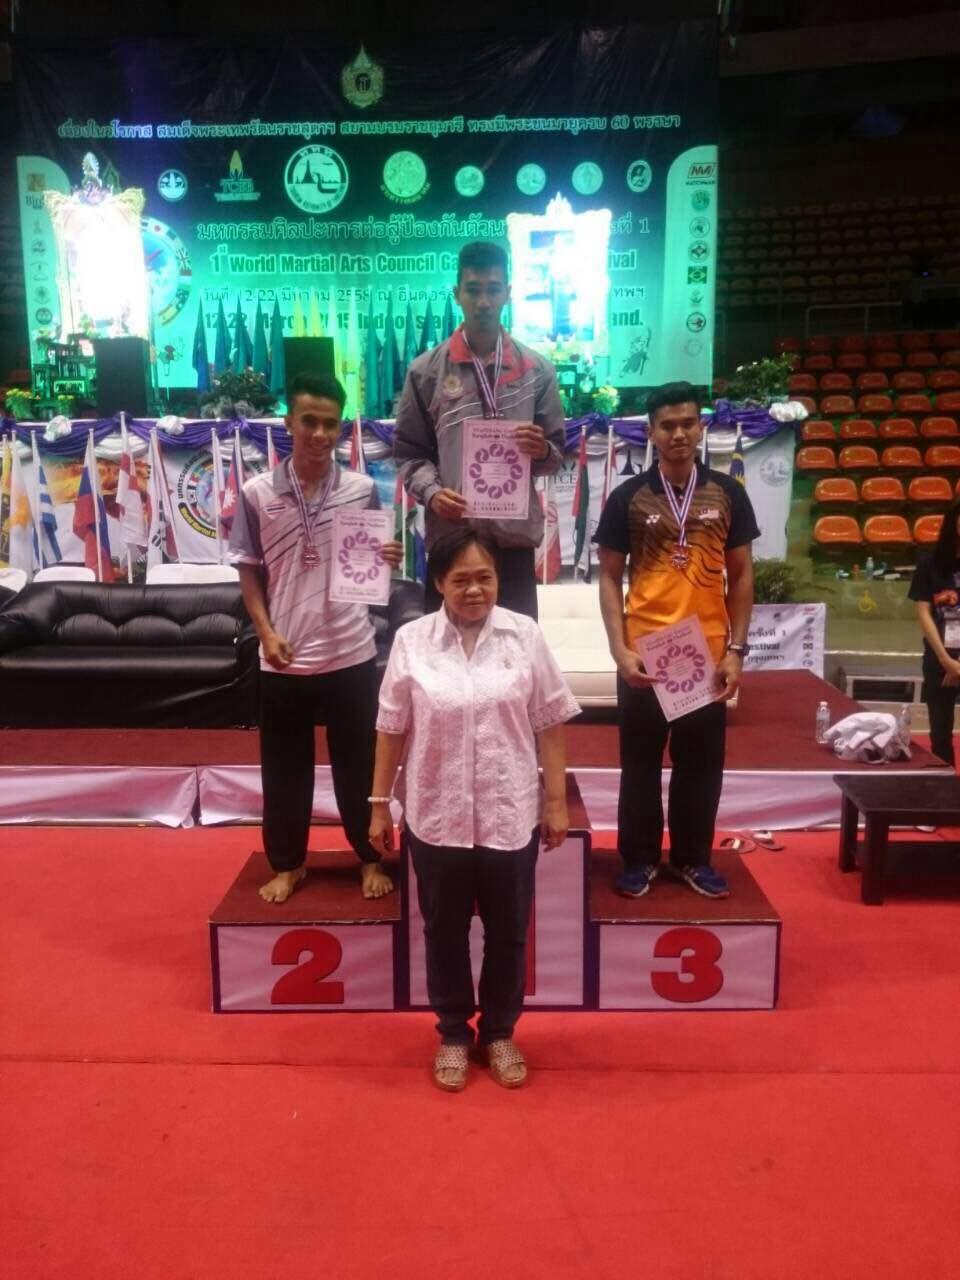 รุ่น E ชาย นายกูอิบรอเฮม กูบาฮา เหรียญทอง World MAC Games 2015